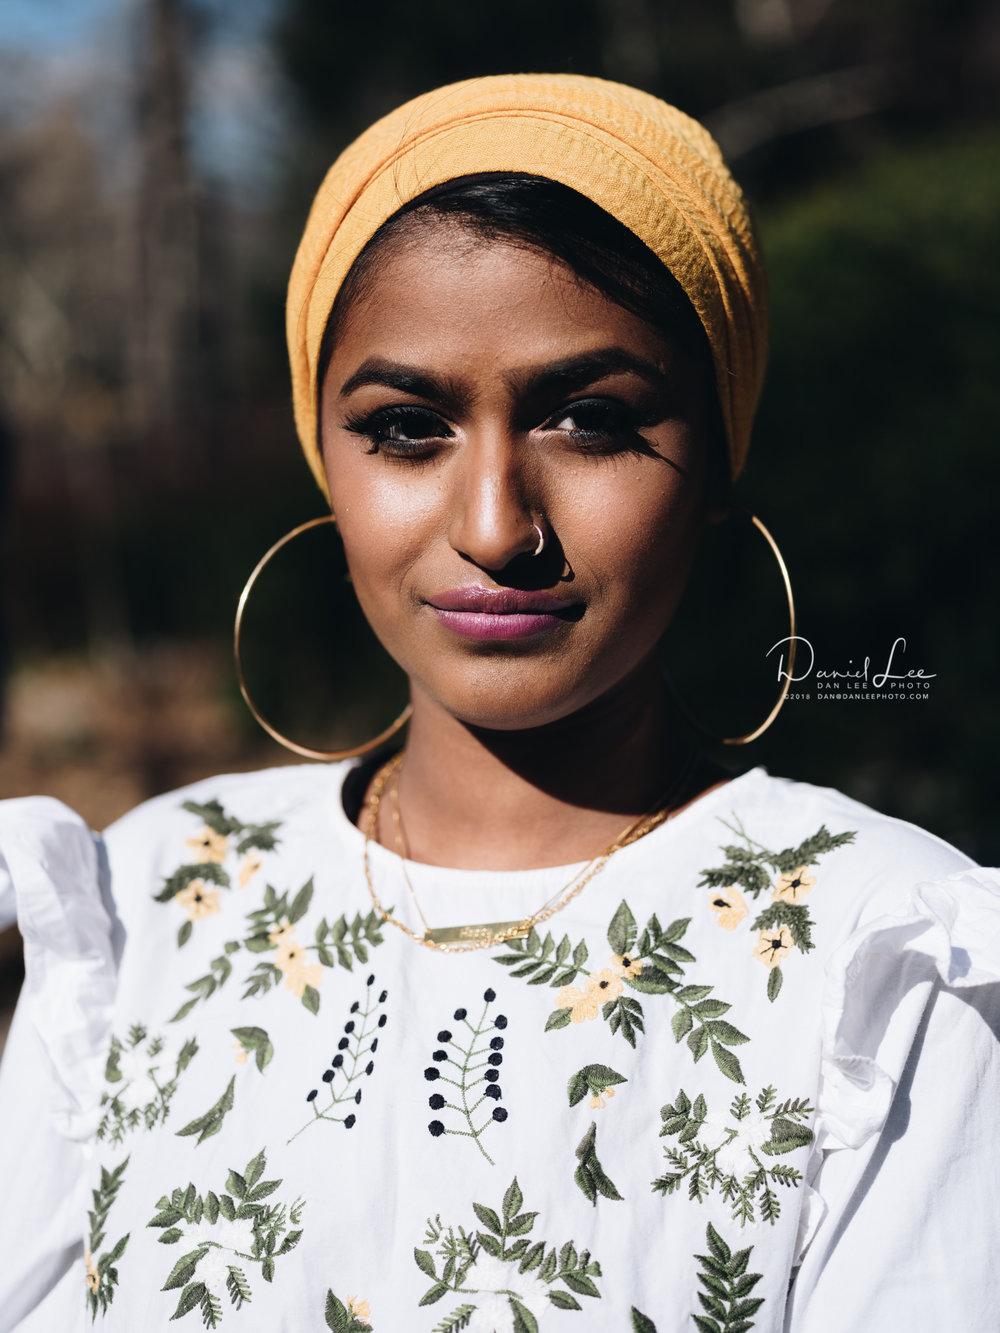 Roksanara,  @roxyhappy